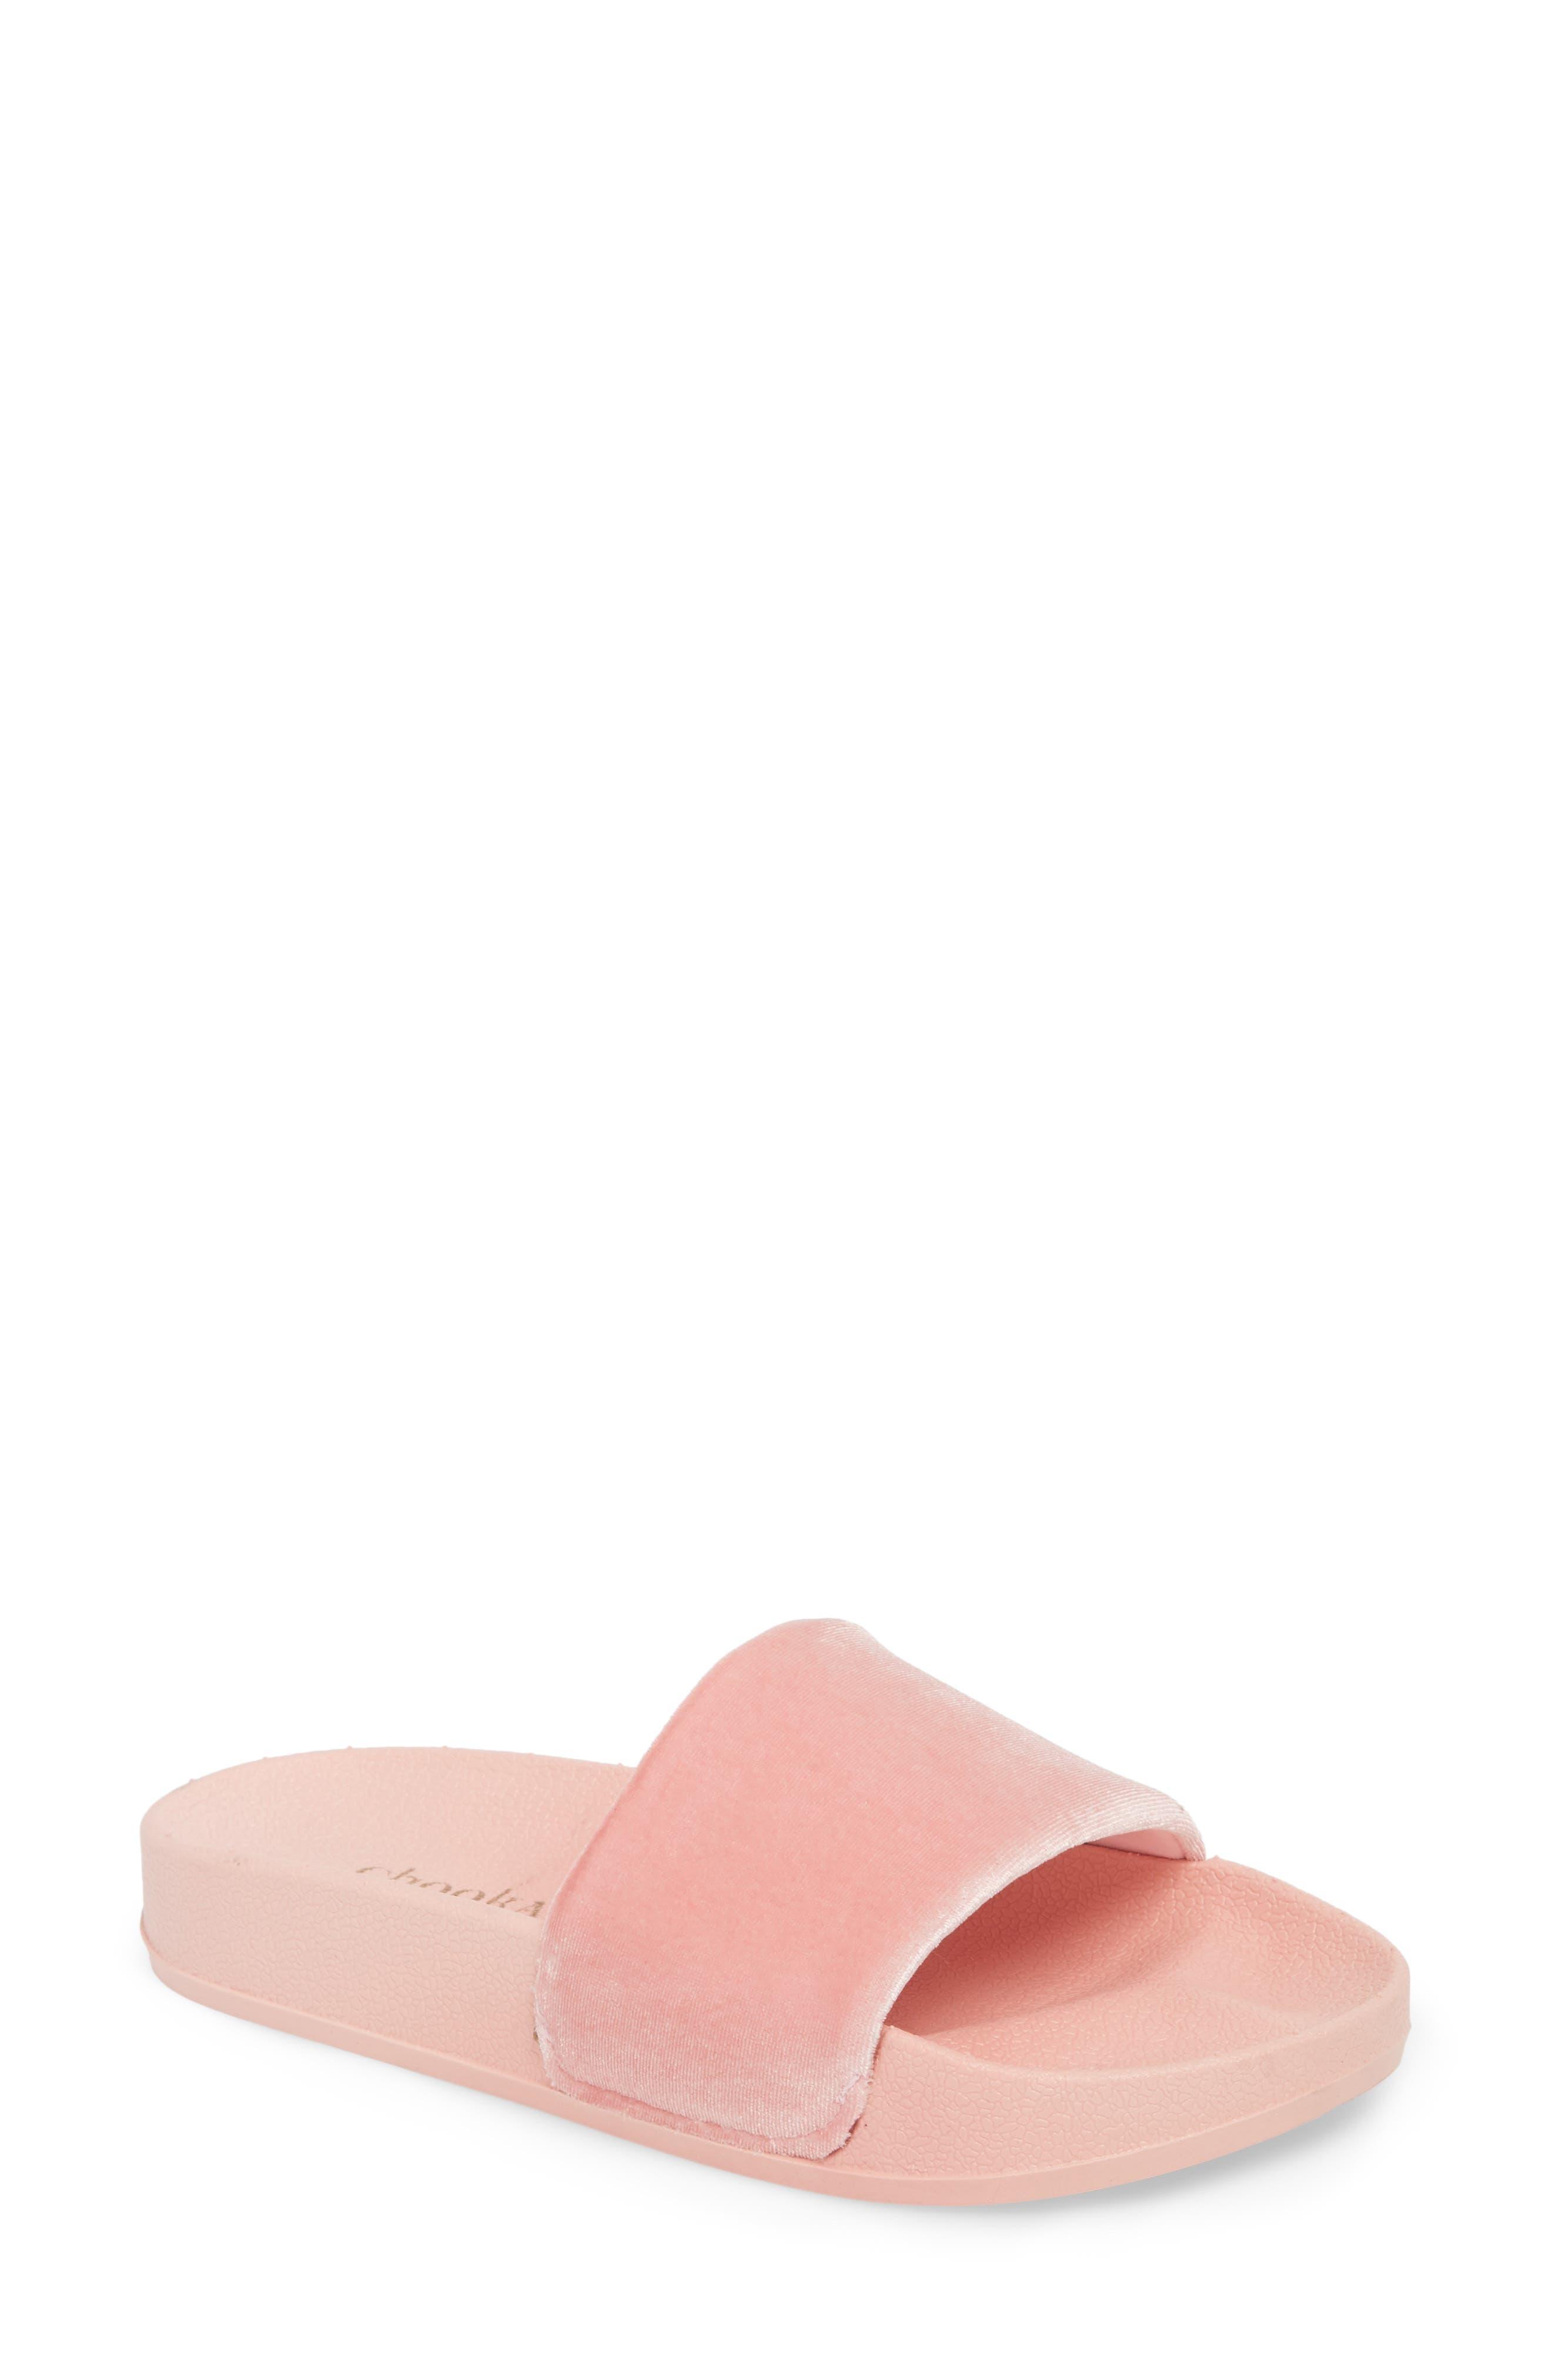 Slide Sandal,                             Main thumbnail 1, color,                             Blush